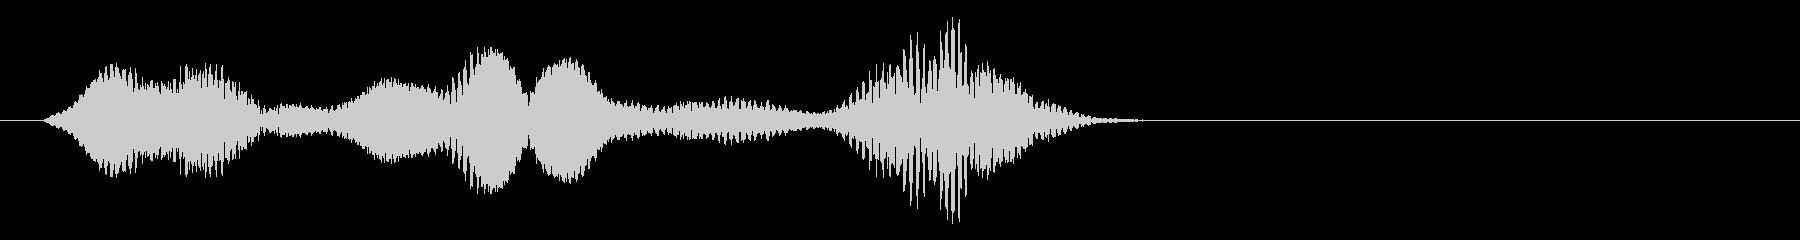 LFEを使用した磁気磁気フィードバ...の未再生の波形